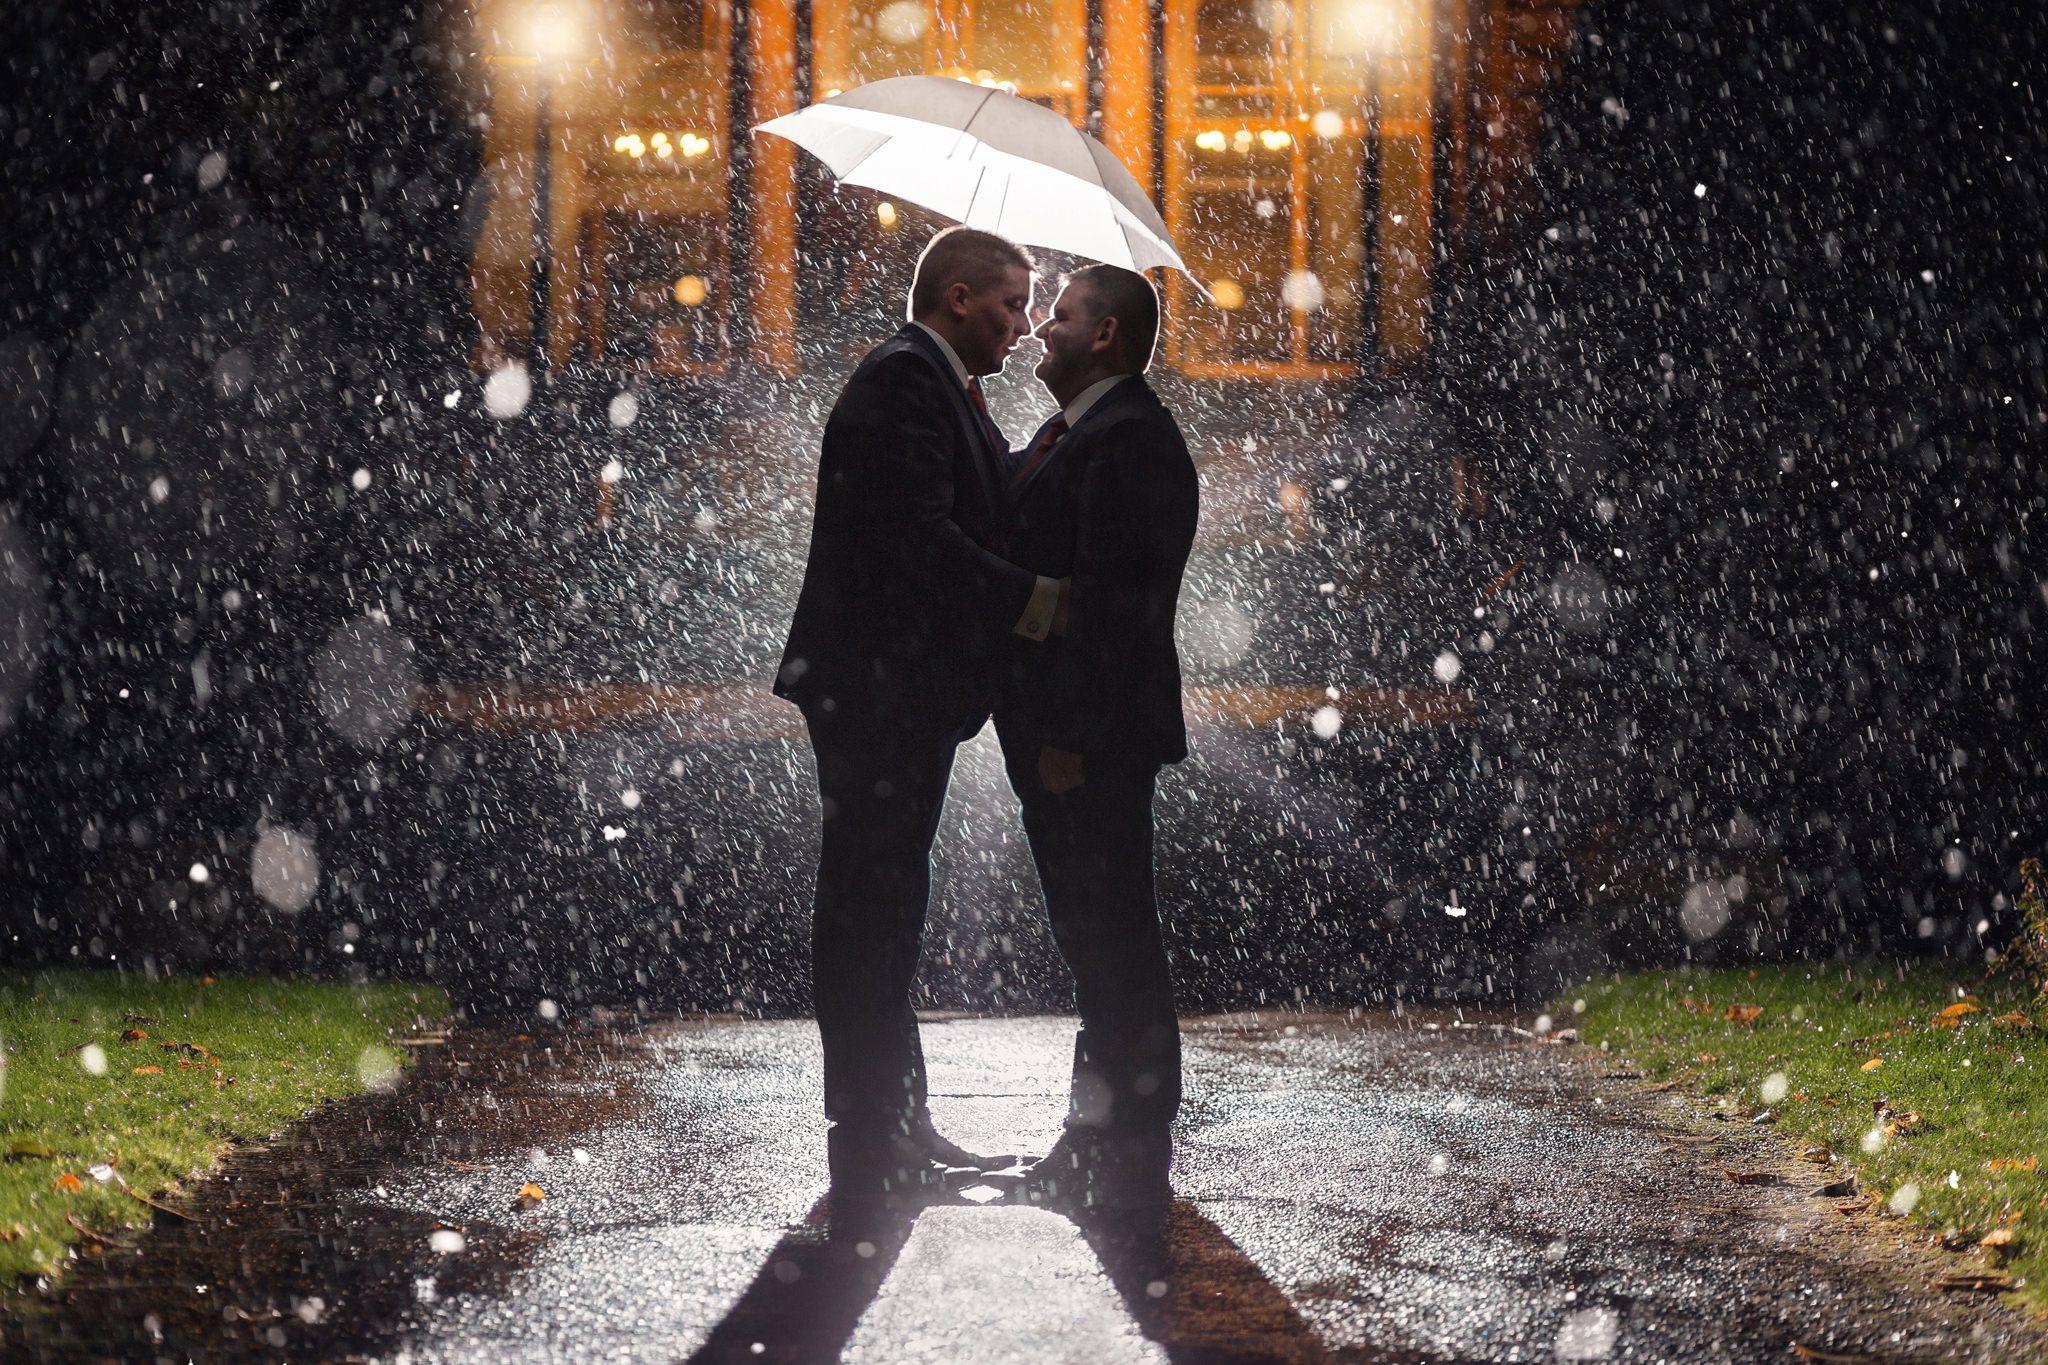 Derbyshire Wedding Photographer - The Palace Hotel